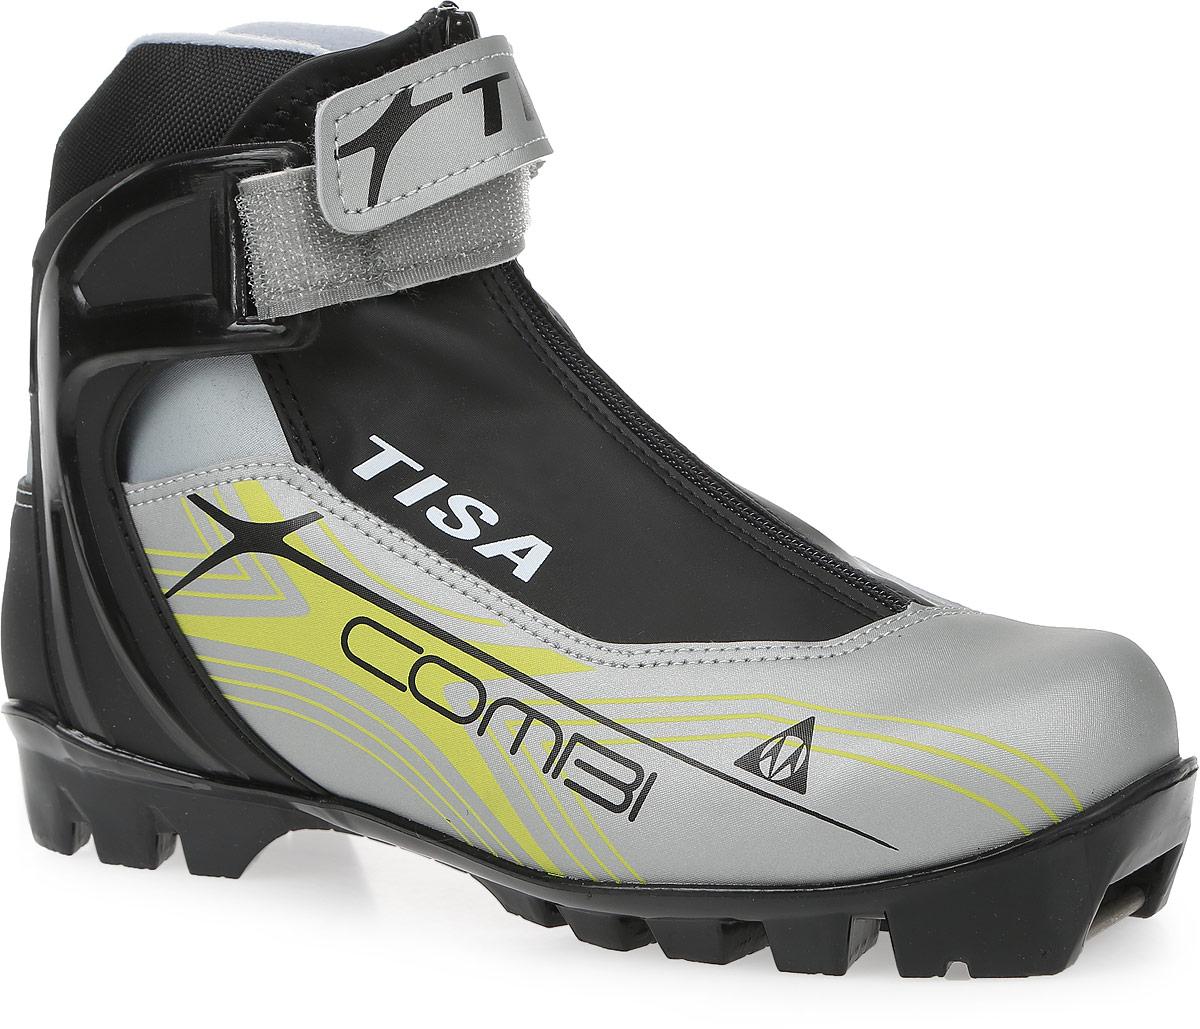 Ботинки лыжные беговые Tisa Combi NNN, цвет: черный, серый, салатовый. Размер 46 лыжи беговые tisa top universal с креплением цвет желтый белый черный рост 182 см